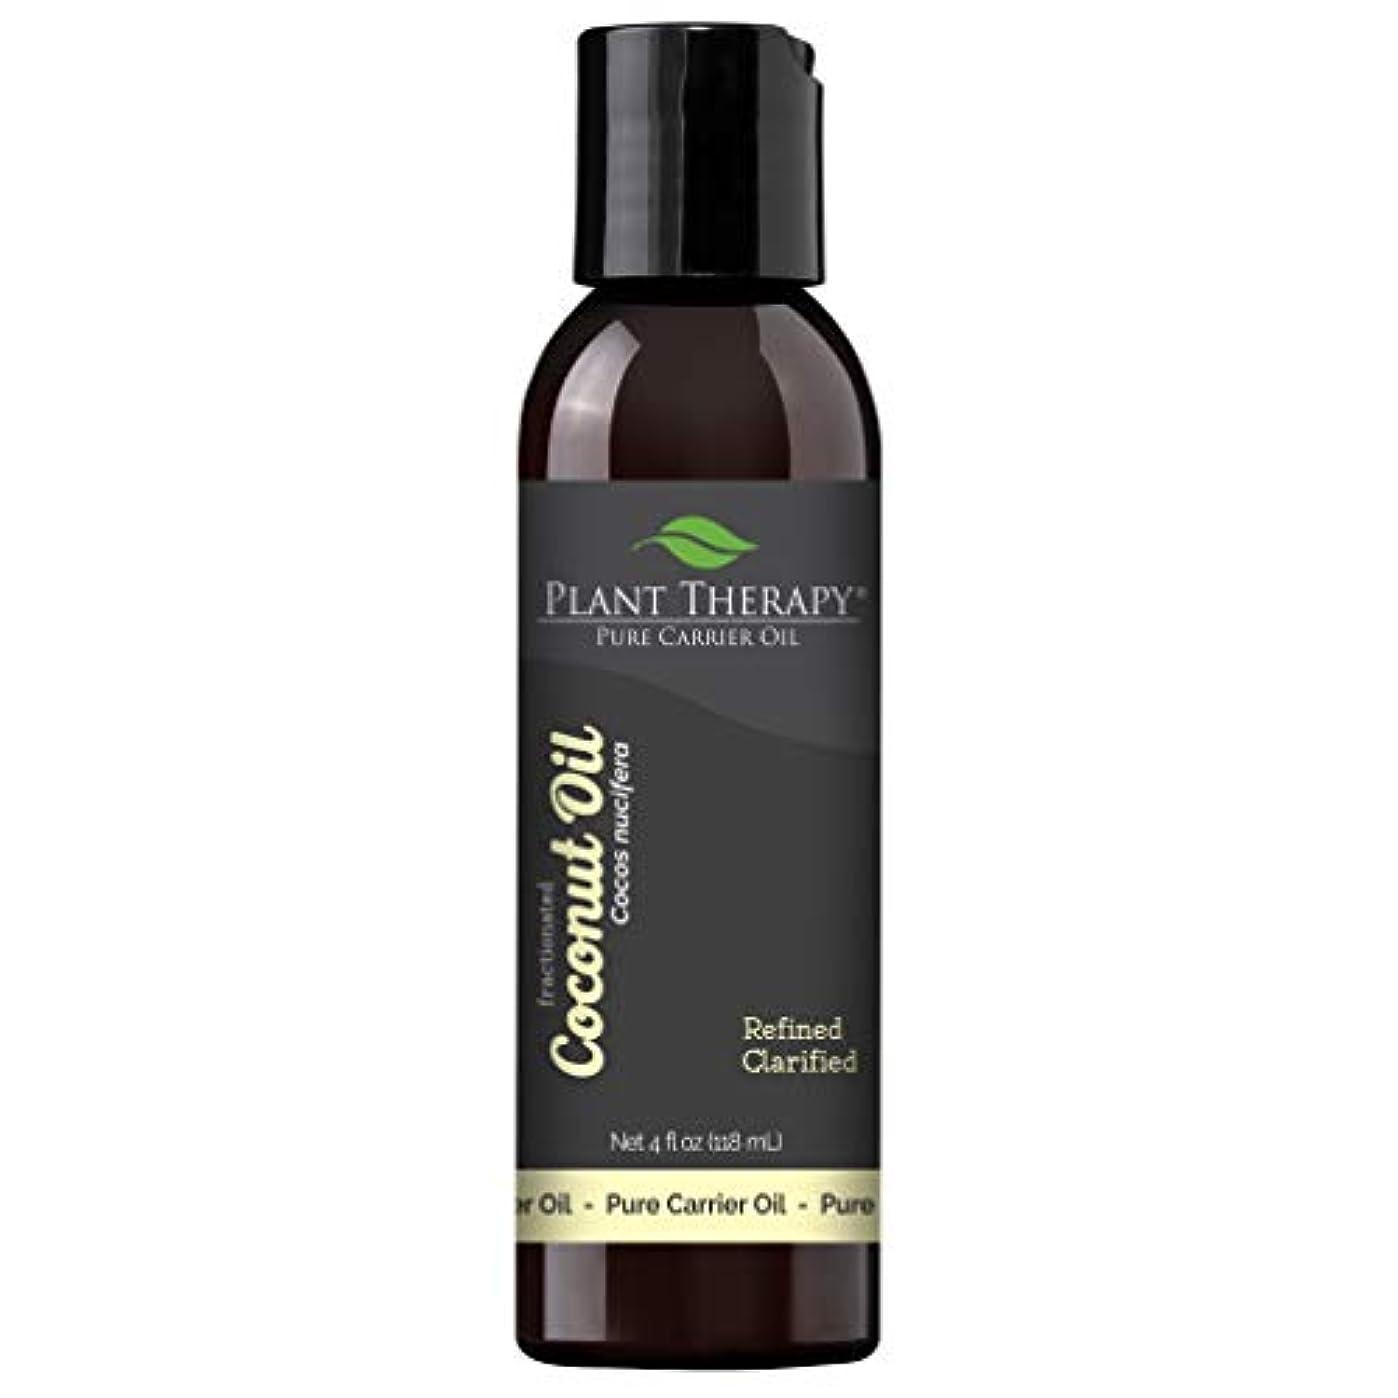 モンク青テレビPlant Therapy Essential Oils (プラントセラピー エッセンシャルオイル) ココナッツ (分別蒸留) 4 オンス キャリアオイル